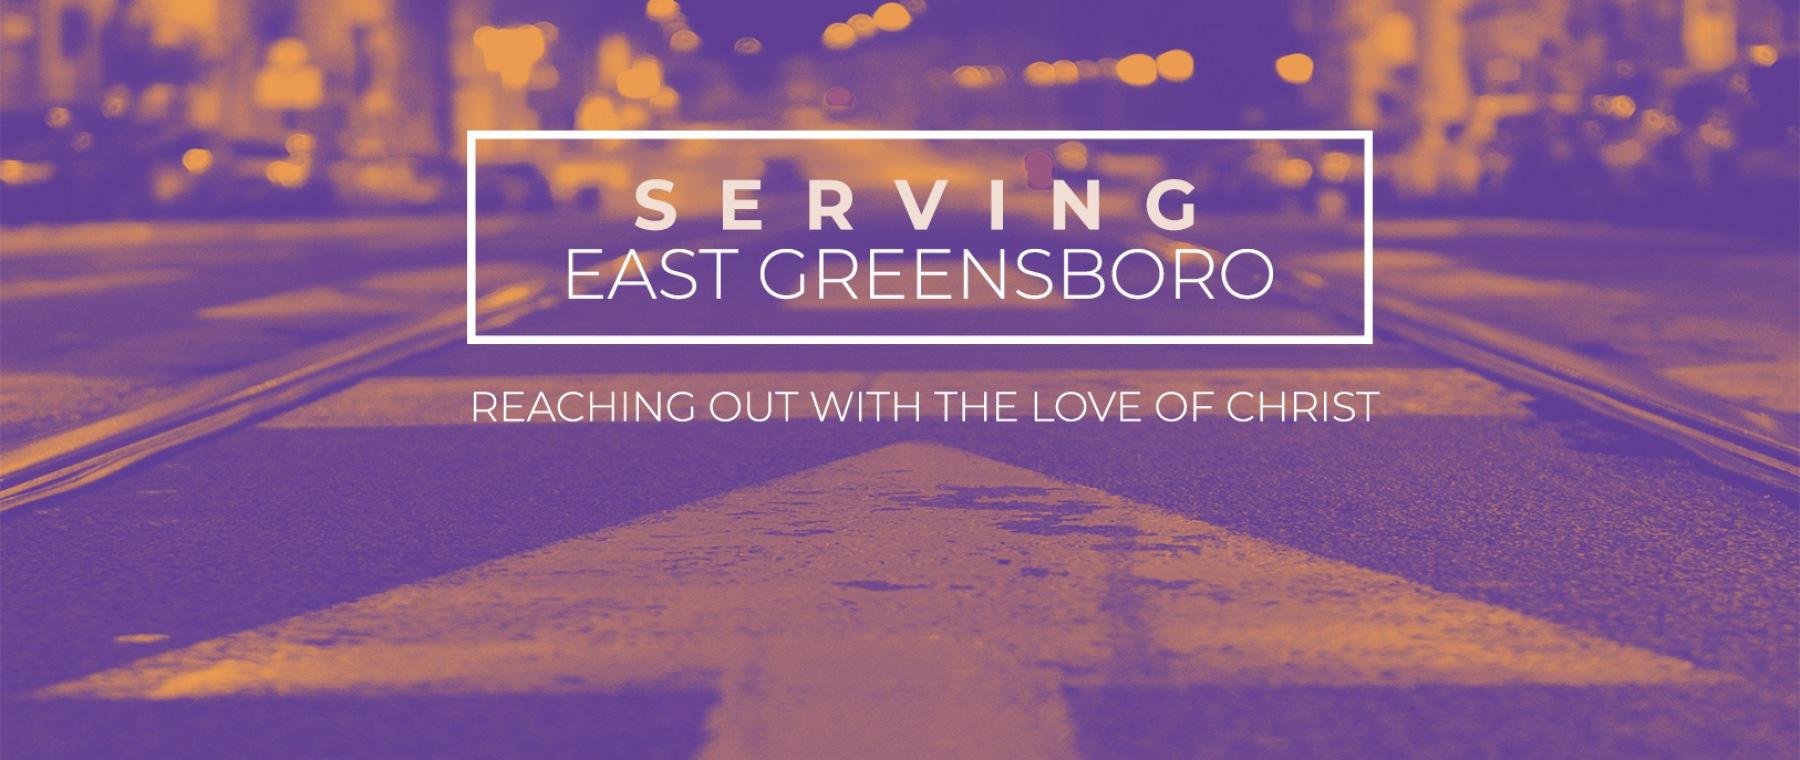 Serving East Greensboro